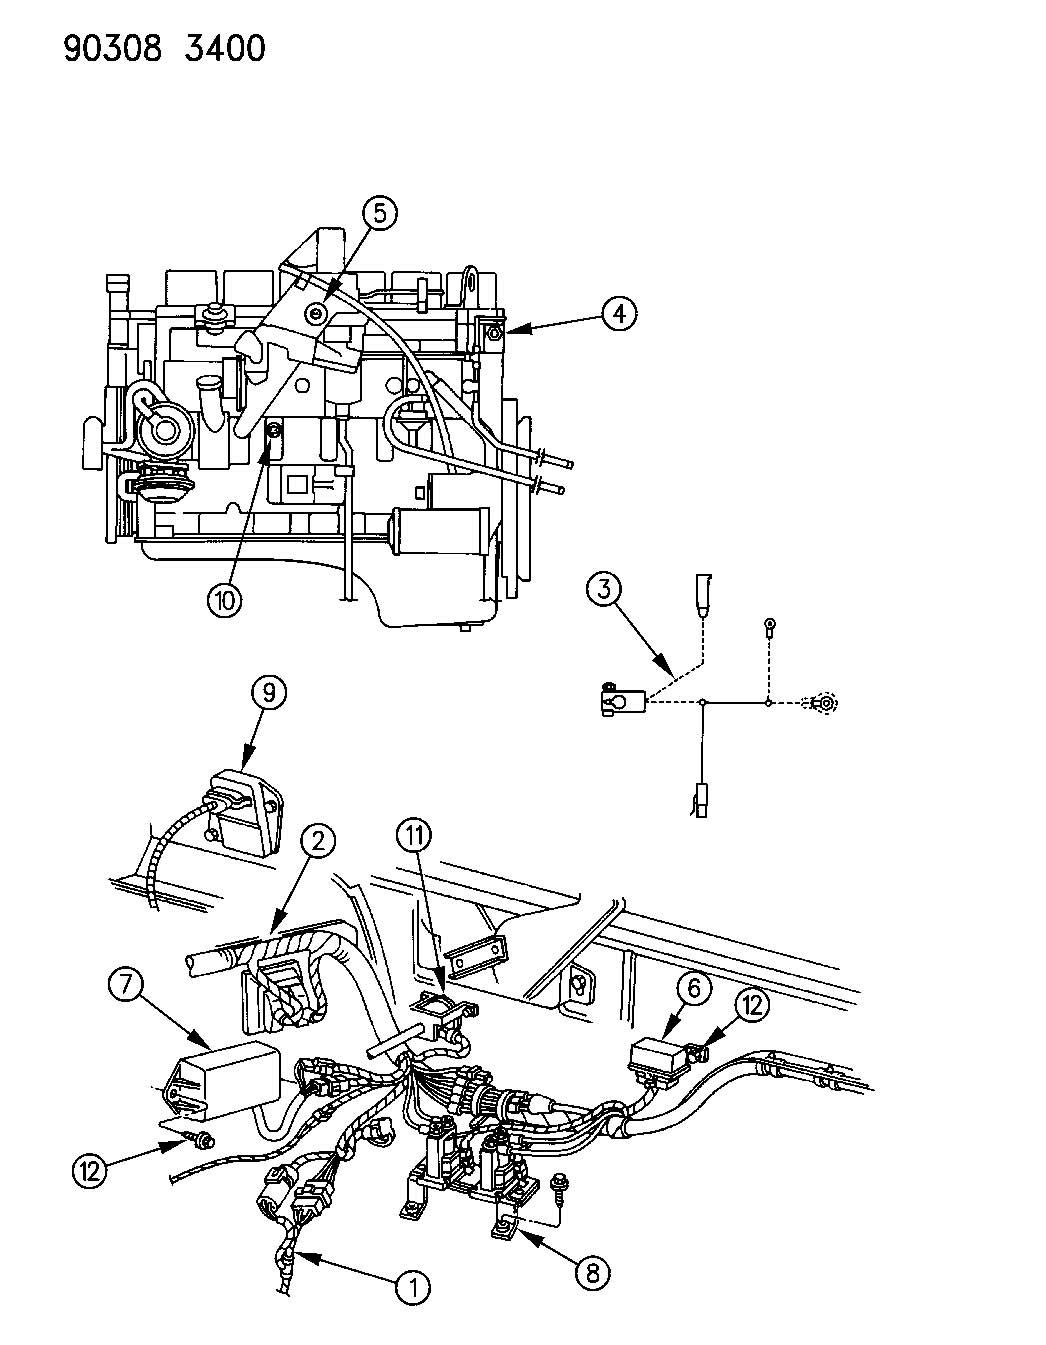 Turbocharged Engine Diagram, Turbocharged, Free Engine